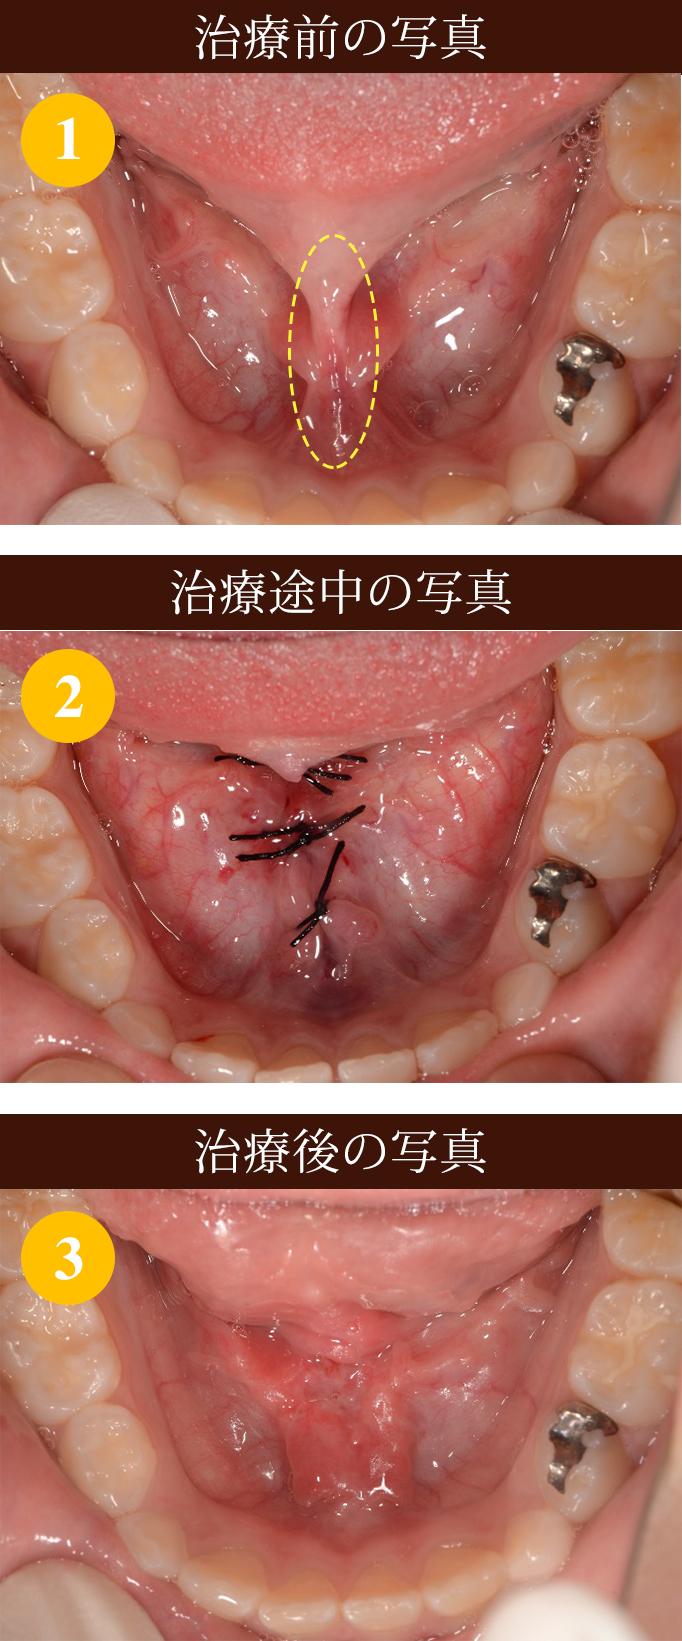 舌小帯短縮症 治療 ①写真